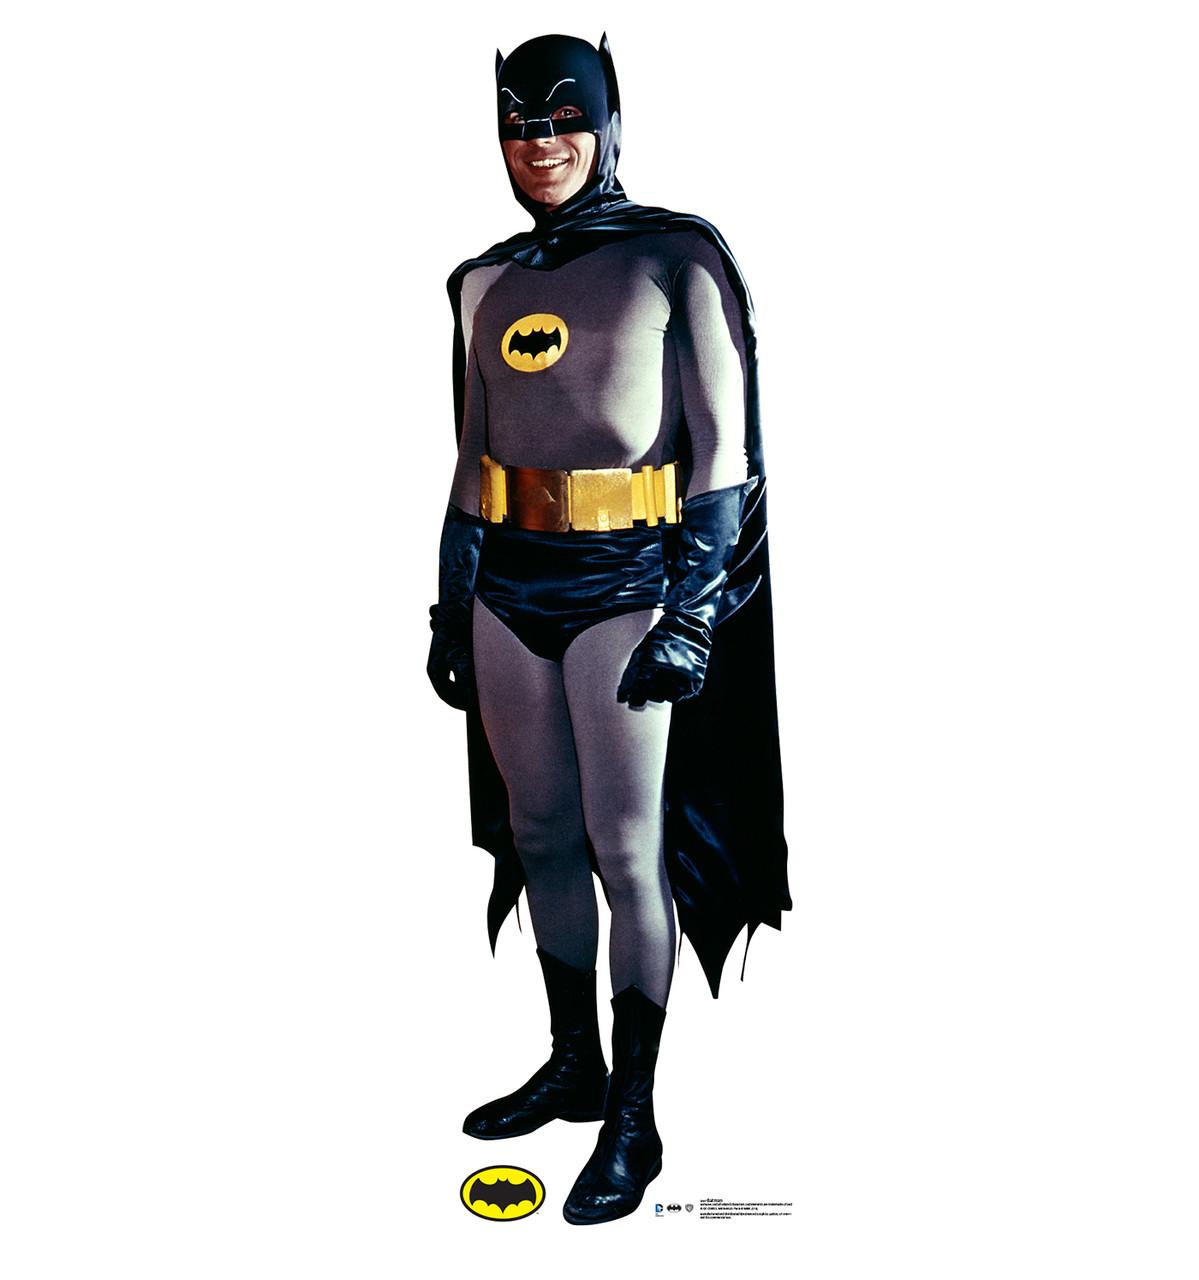 Robin - 1969 Batman and Robin TV Series - Cardboard Cutout 2056